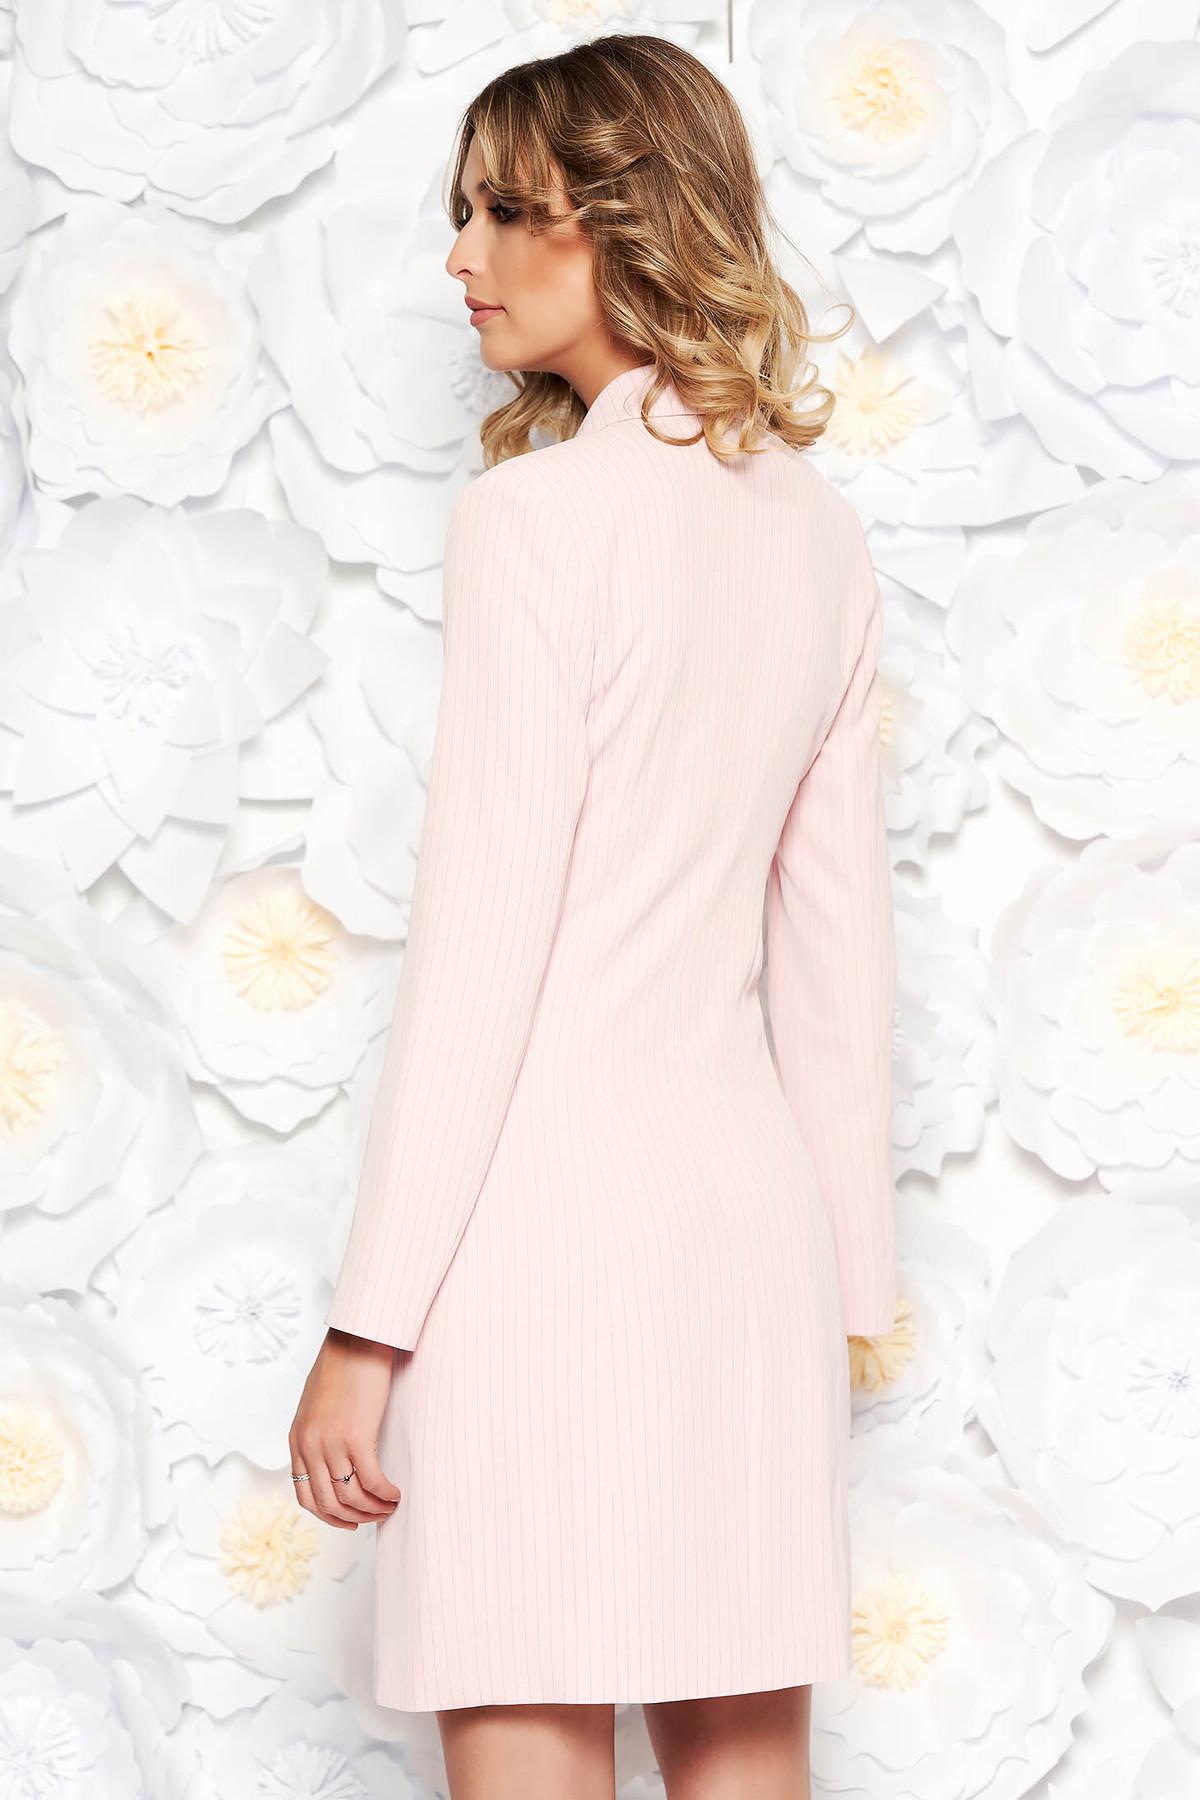 d5aee9ef66 Rózsaszínű LaDonna irodai zakó tipusú ruha rugalmatlan szövet belső béléssel  zsebes ...